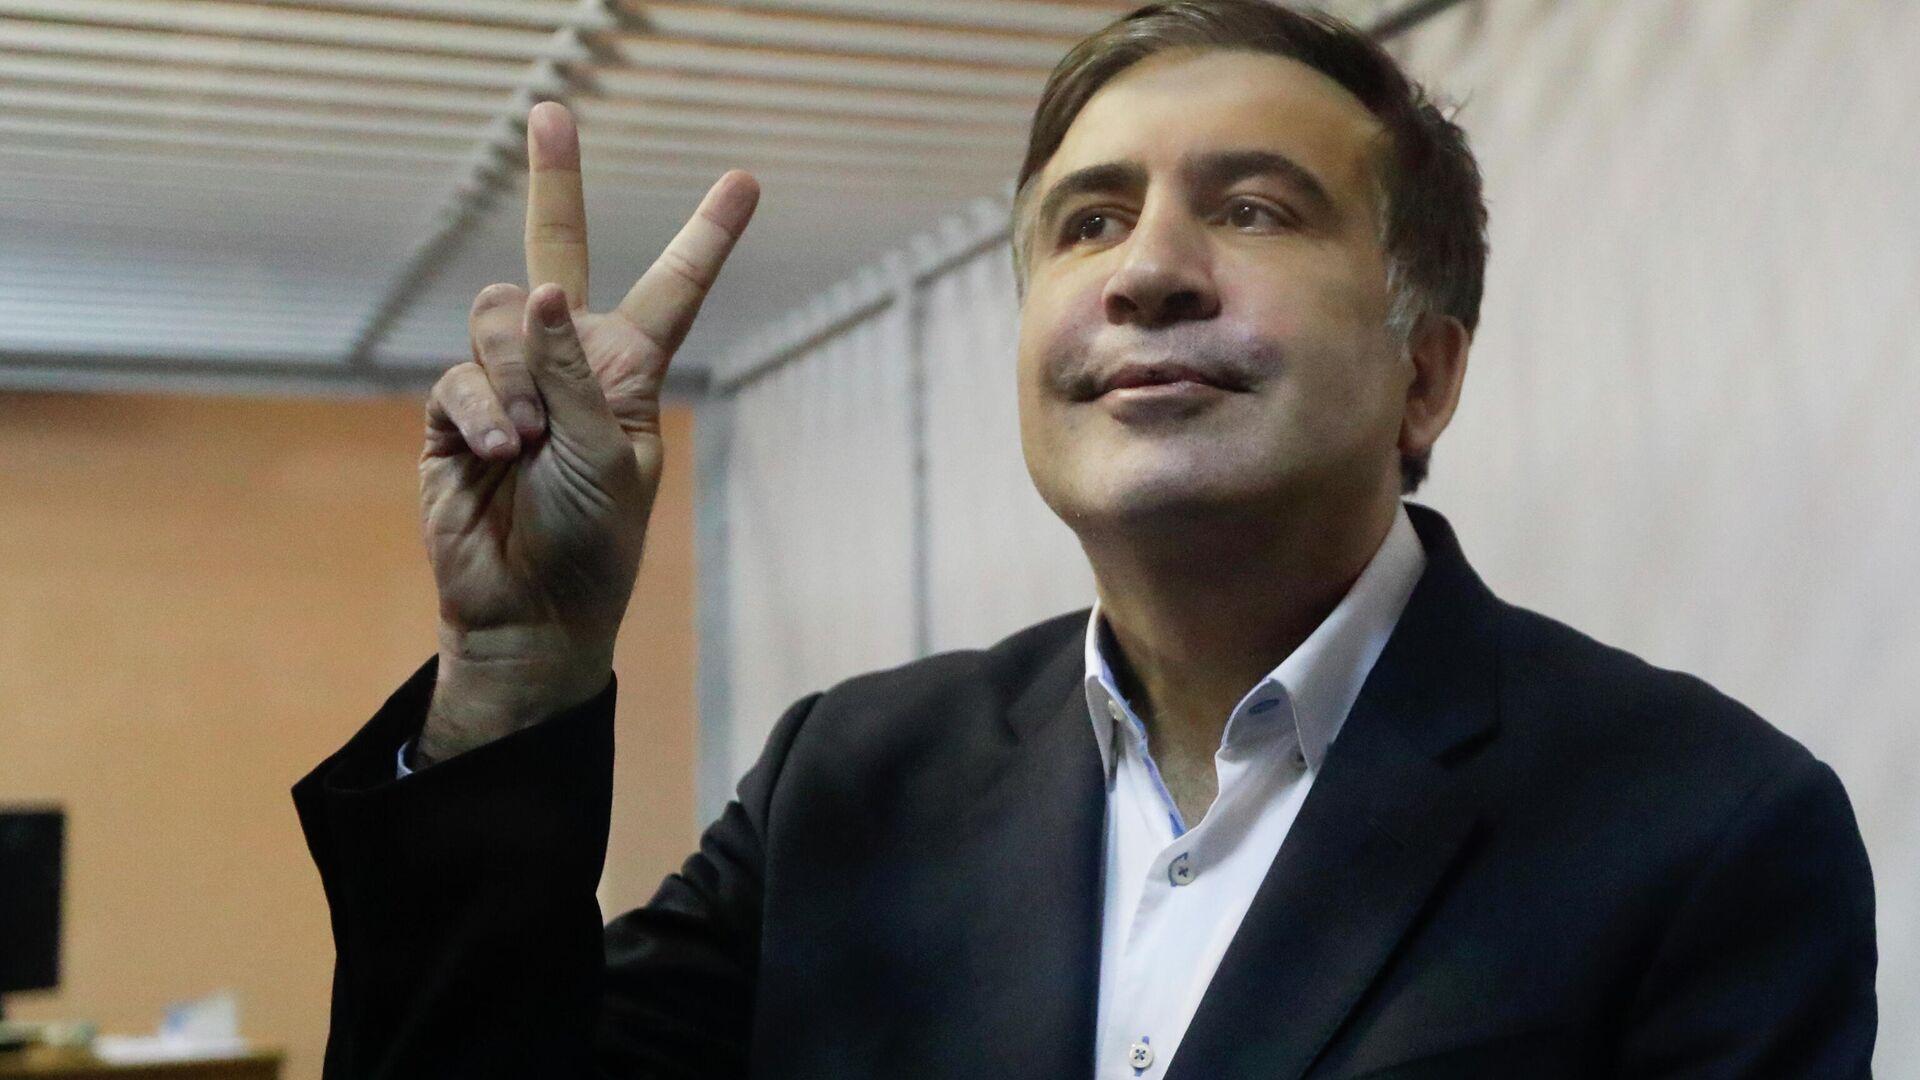 Бывший президент Грузии Михаил Саакашвили в суде Киева - РИА Новости, 1920, 03.10.2021